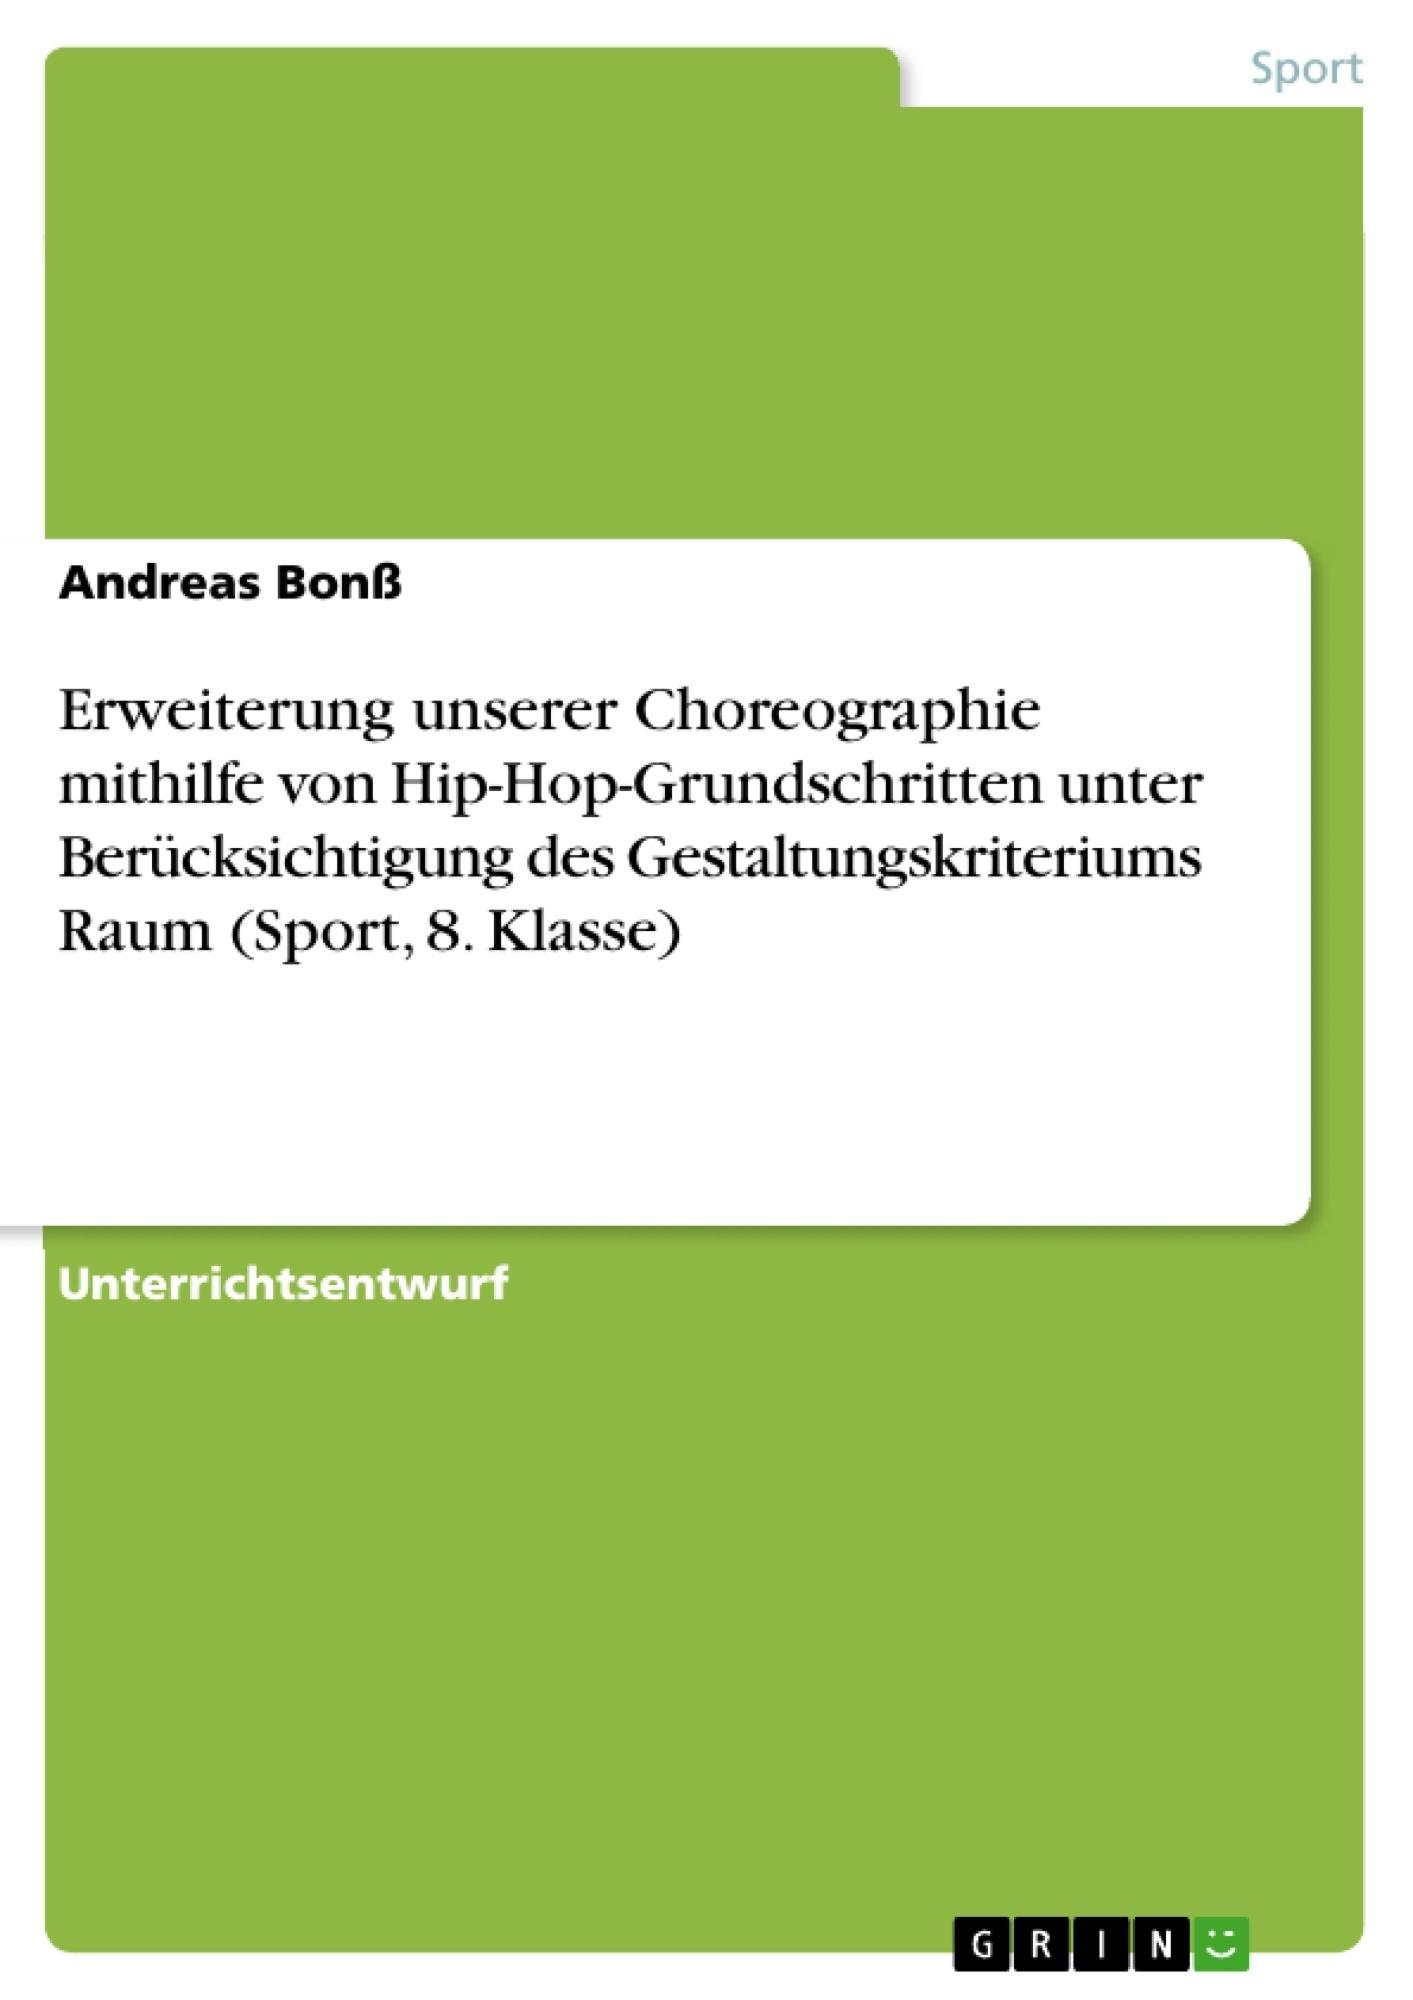 Titel: Erweiterung unserer Choreographie mithilfe von Hip-Hop-Grundschritten unter Berücksichtigung des Gestaltungskriteriums Raum (Sport, 8. Klasse)